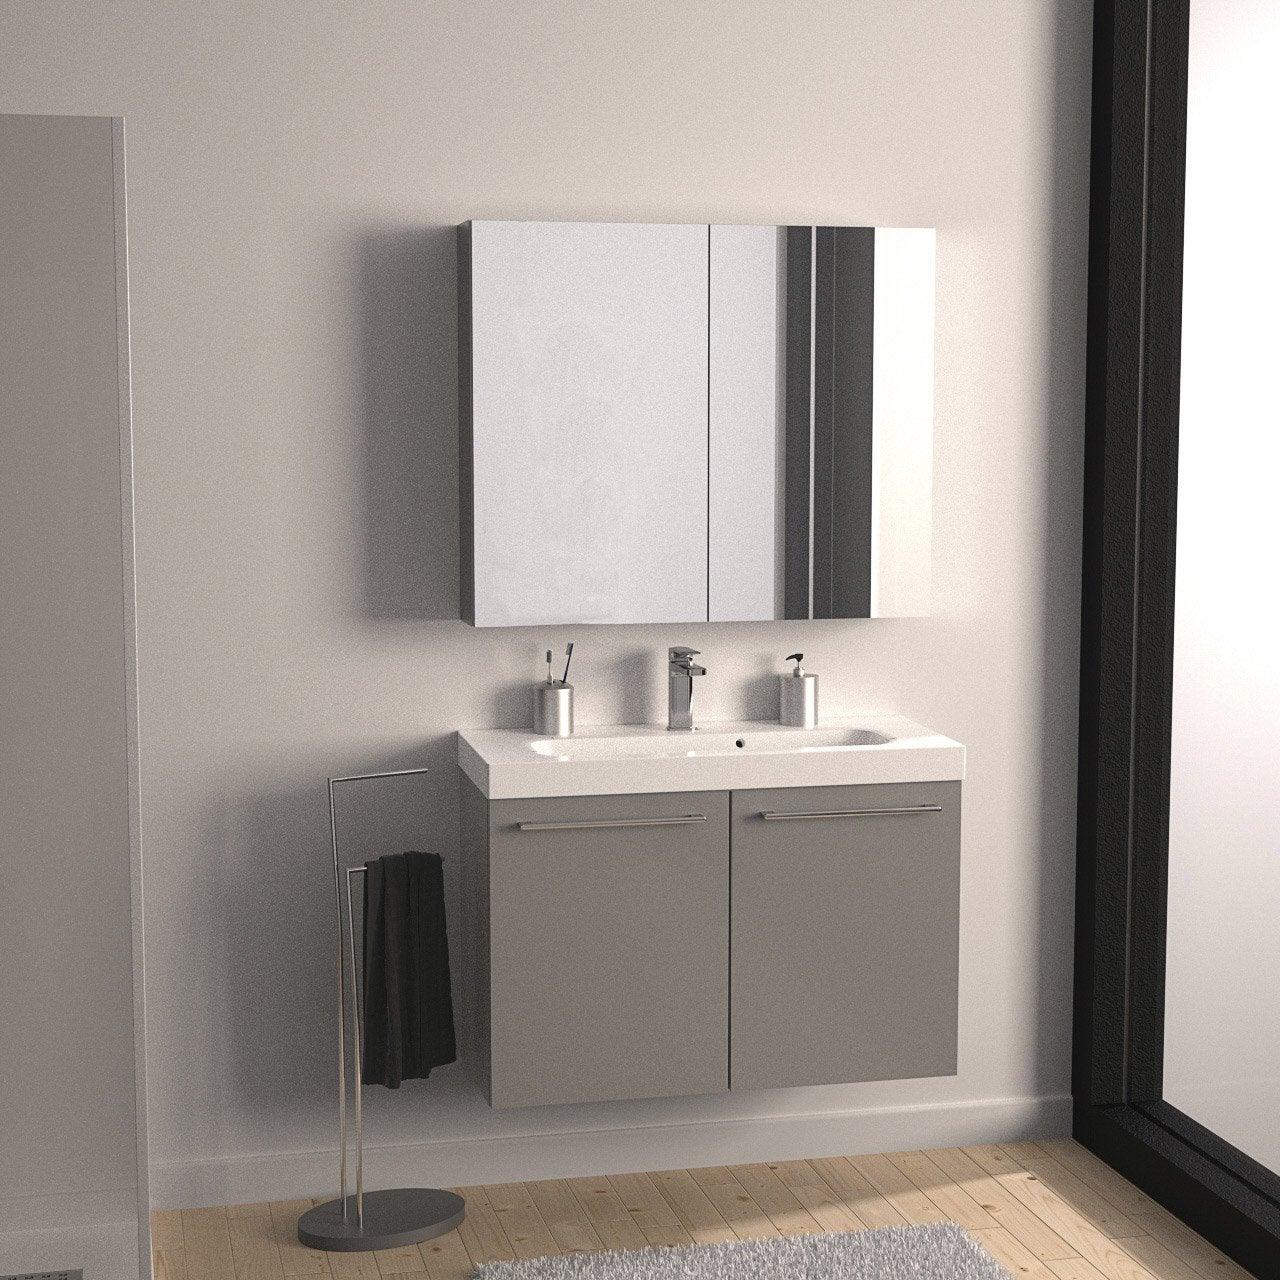 Meuble de salle de bains remix gris galet n 3 61x35 5 cm for Meuble salle de bain gris leroy merlin